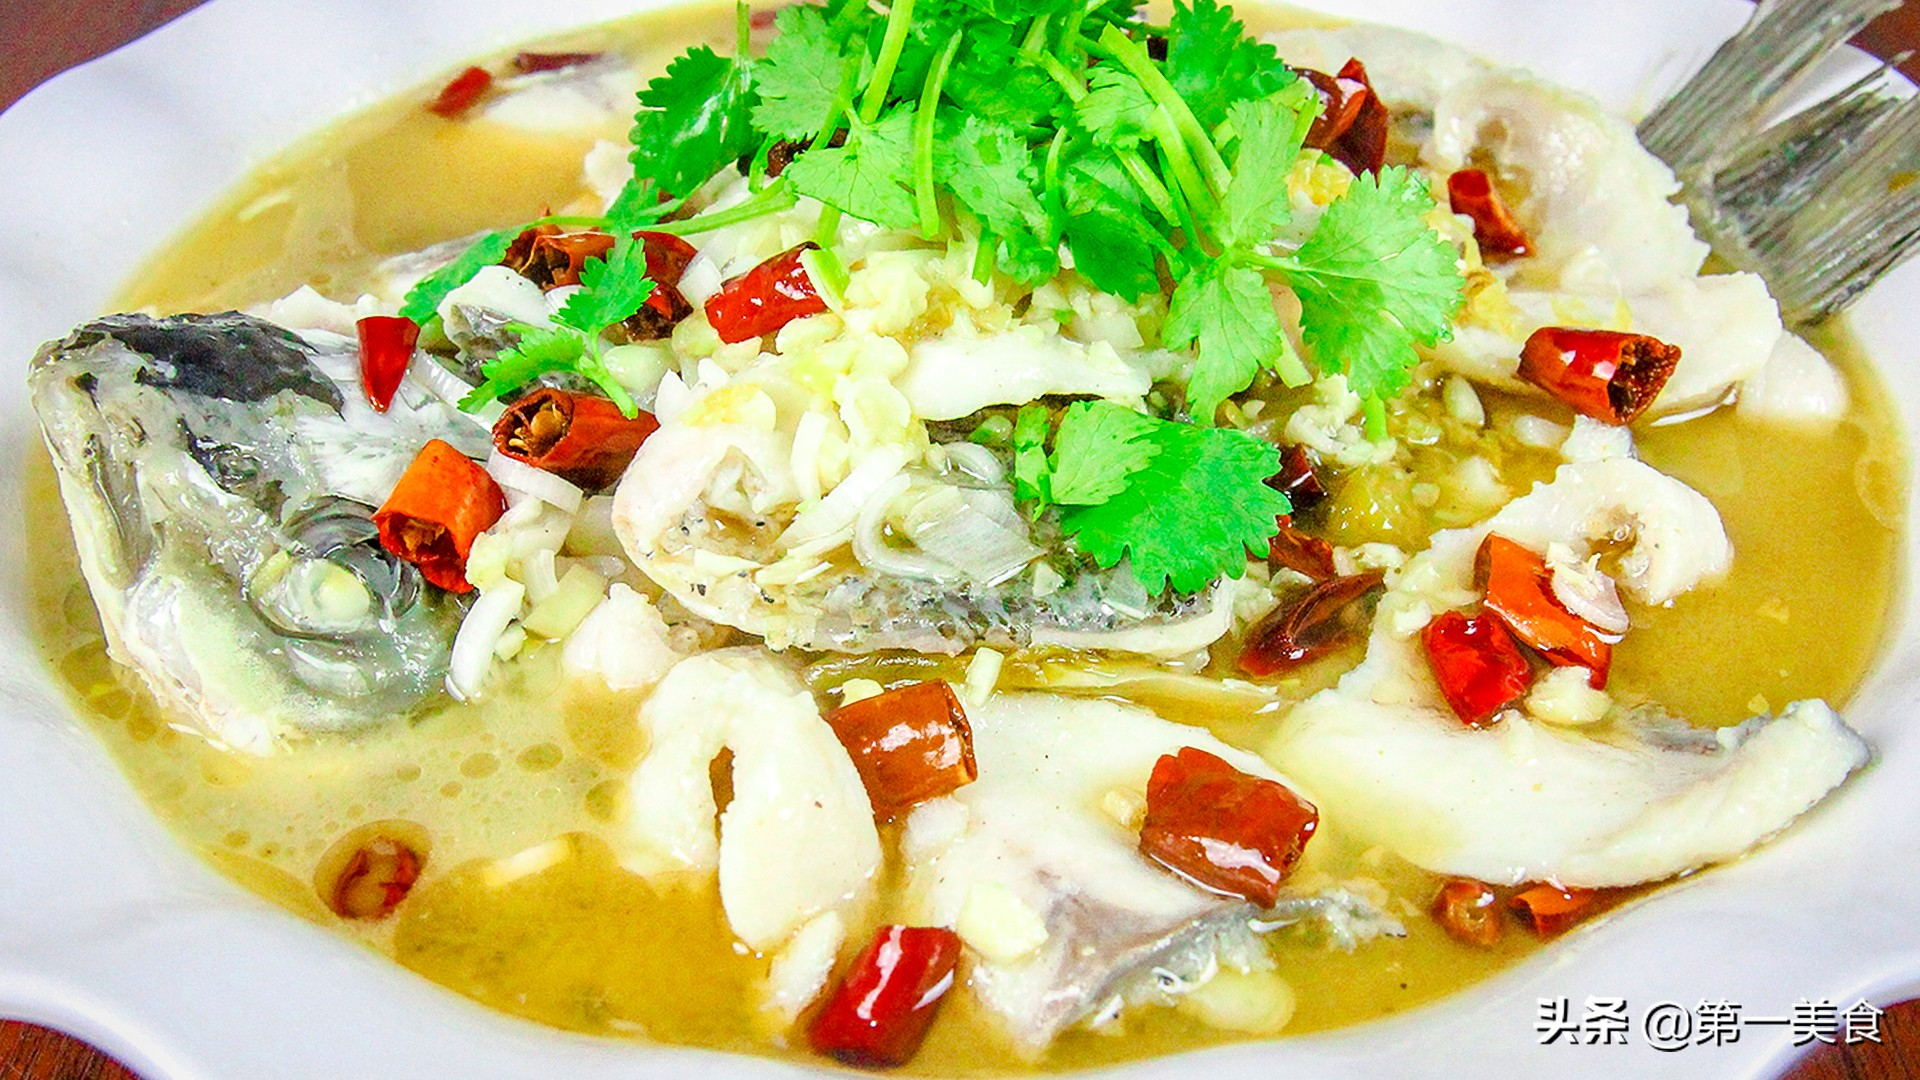 厨师长分享地道酸菜鱼,汤汁鲜香又开胃,鱼片嫩白又不腥 美食做法 第1张